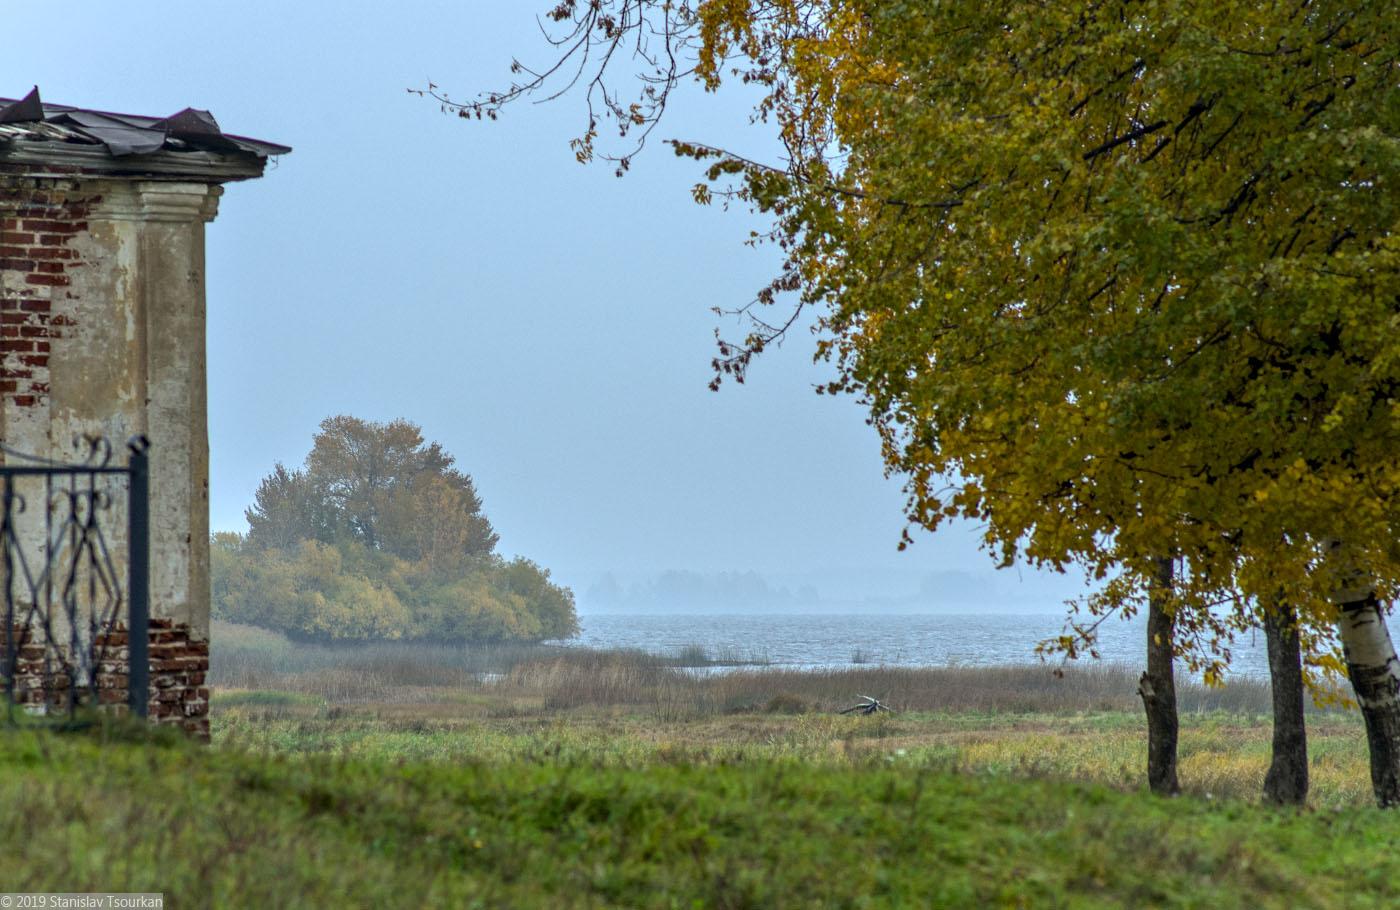 Весьегонск, Тверская область, Рыбинское водохранилище, Казанская церковь